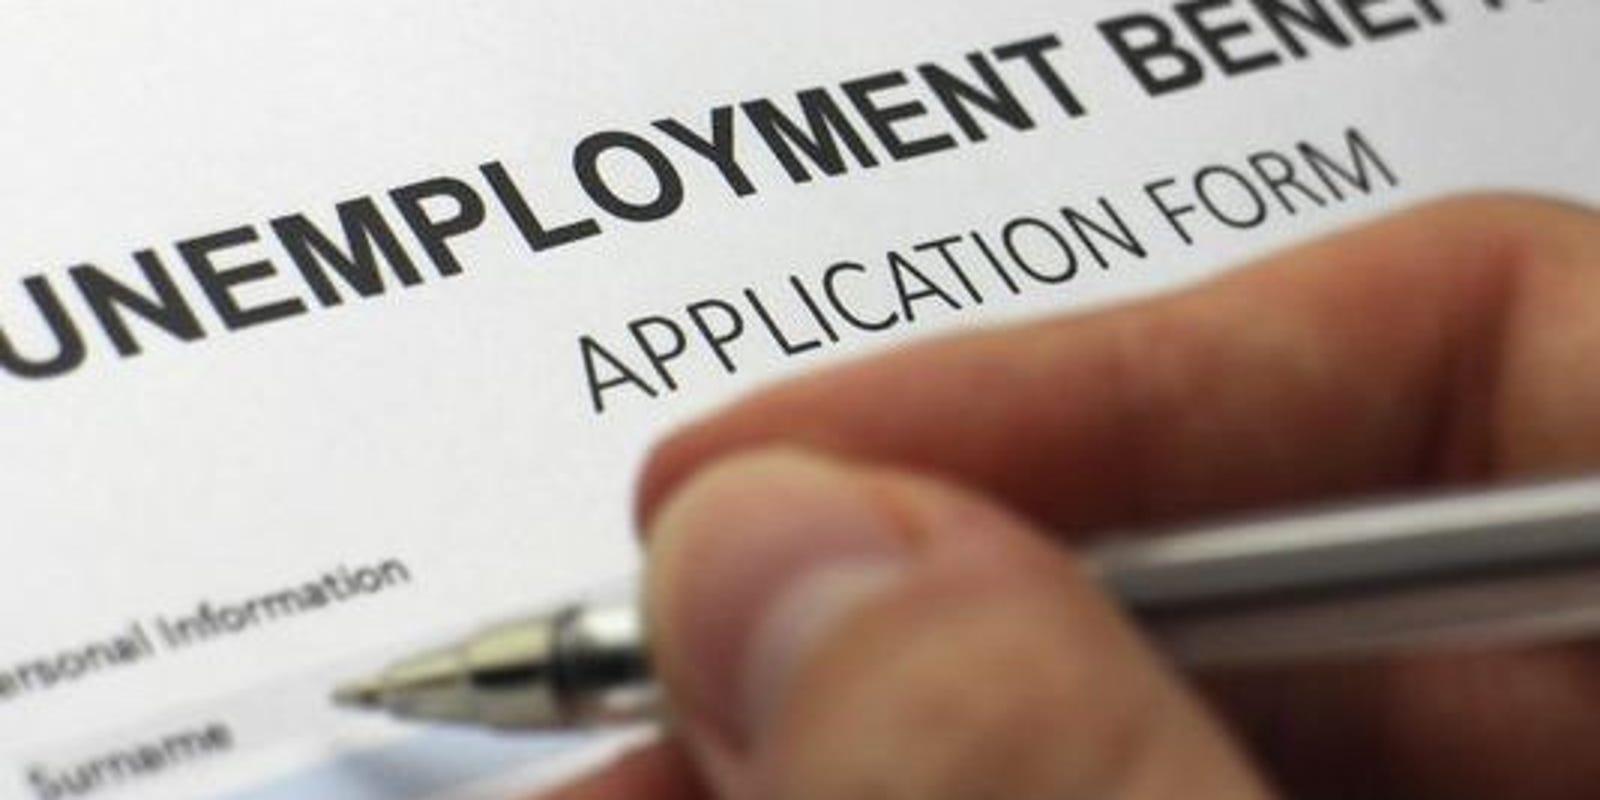 Stripper sues Nevada over unemployment failures